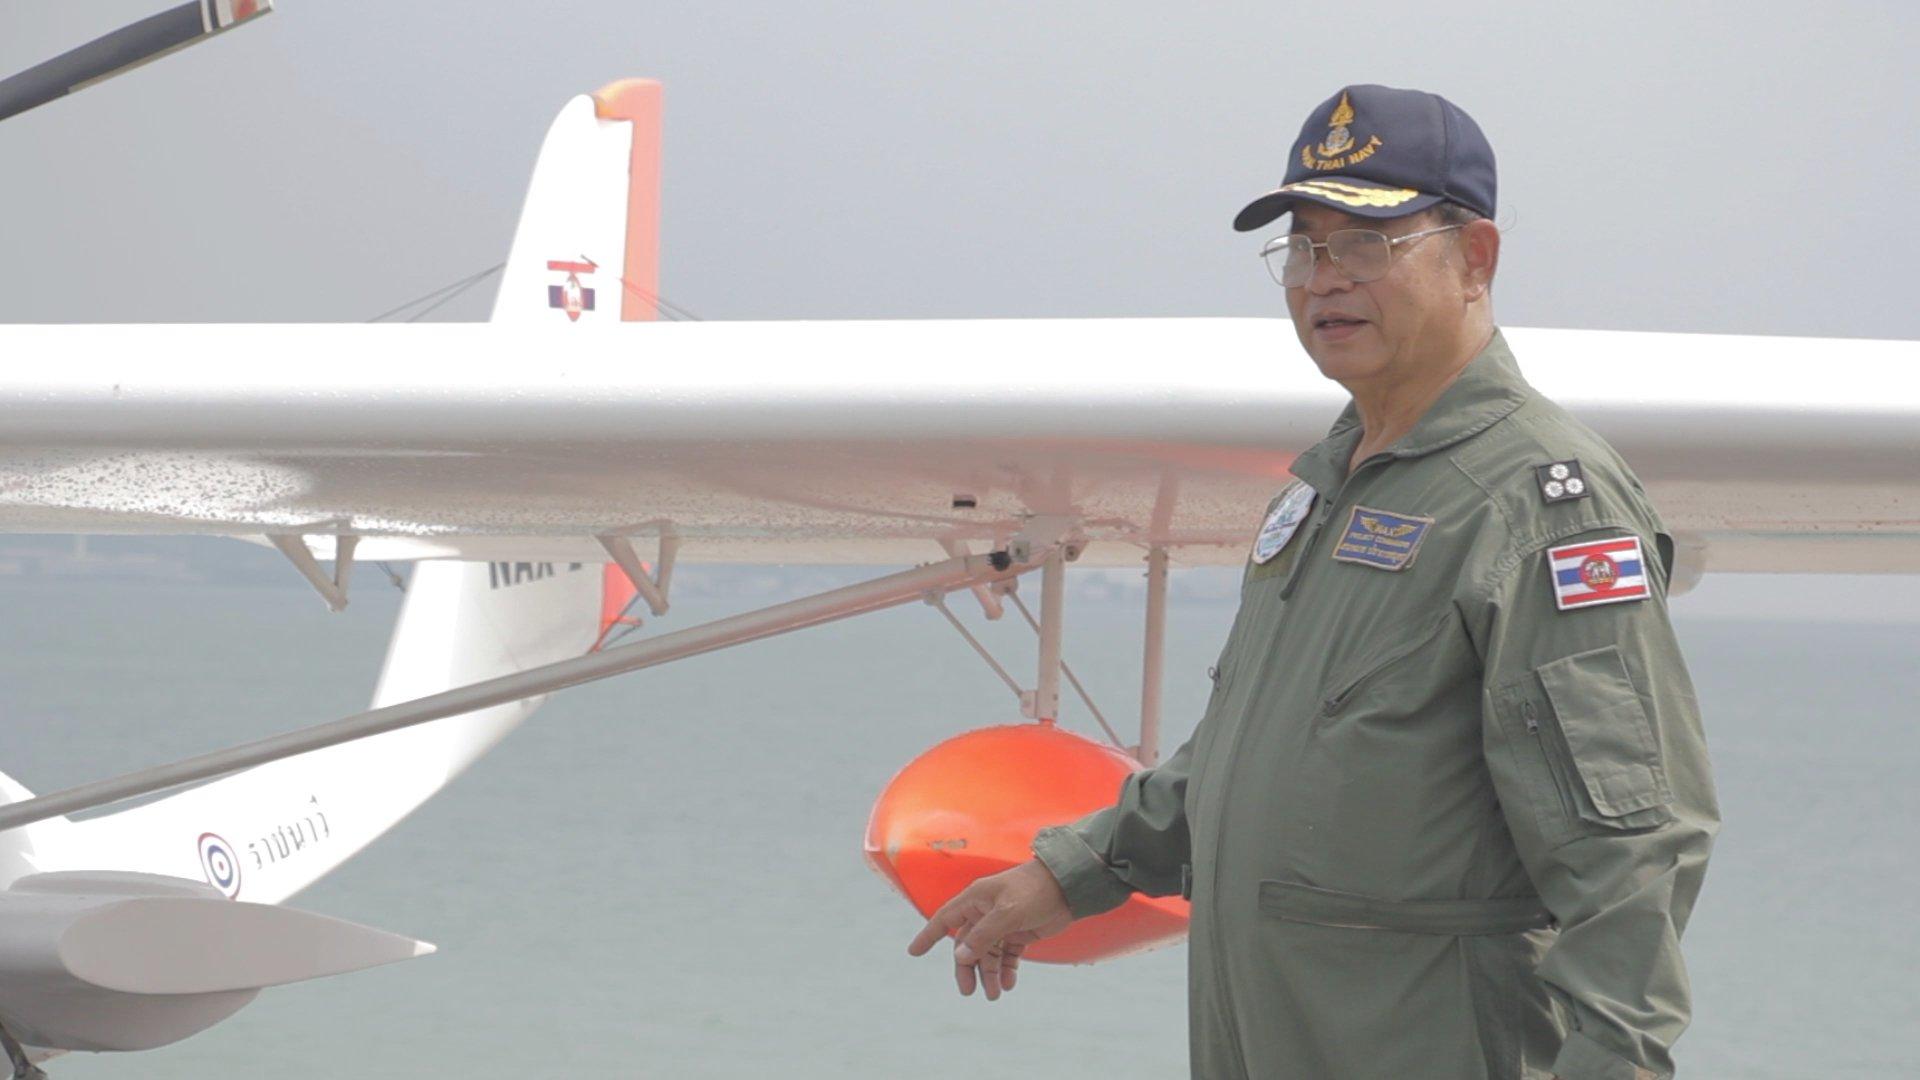 นับ ๑ ให้ถึงพ่อ - เครื่องบินทะเลสัญชาติไทย